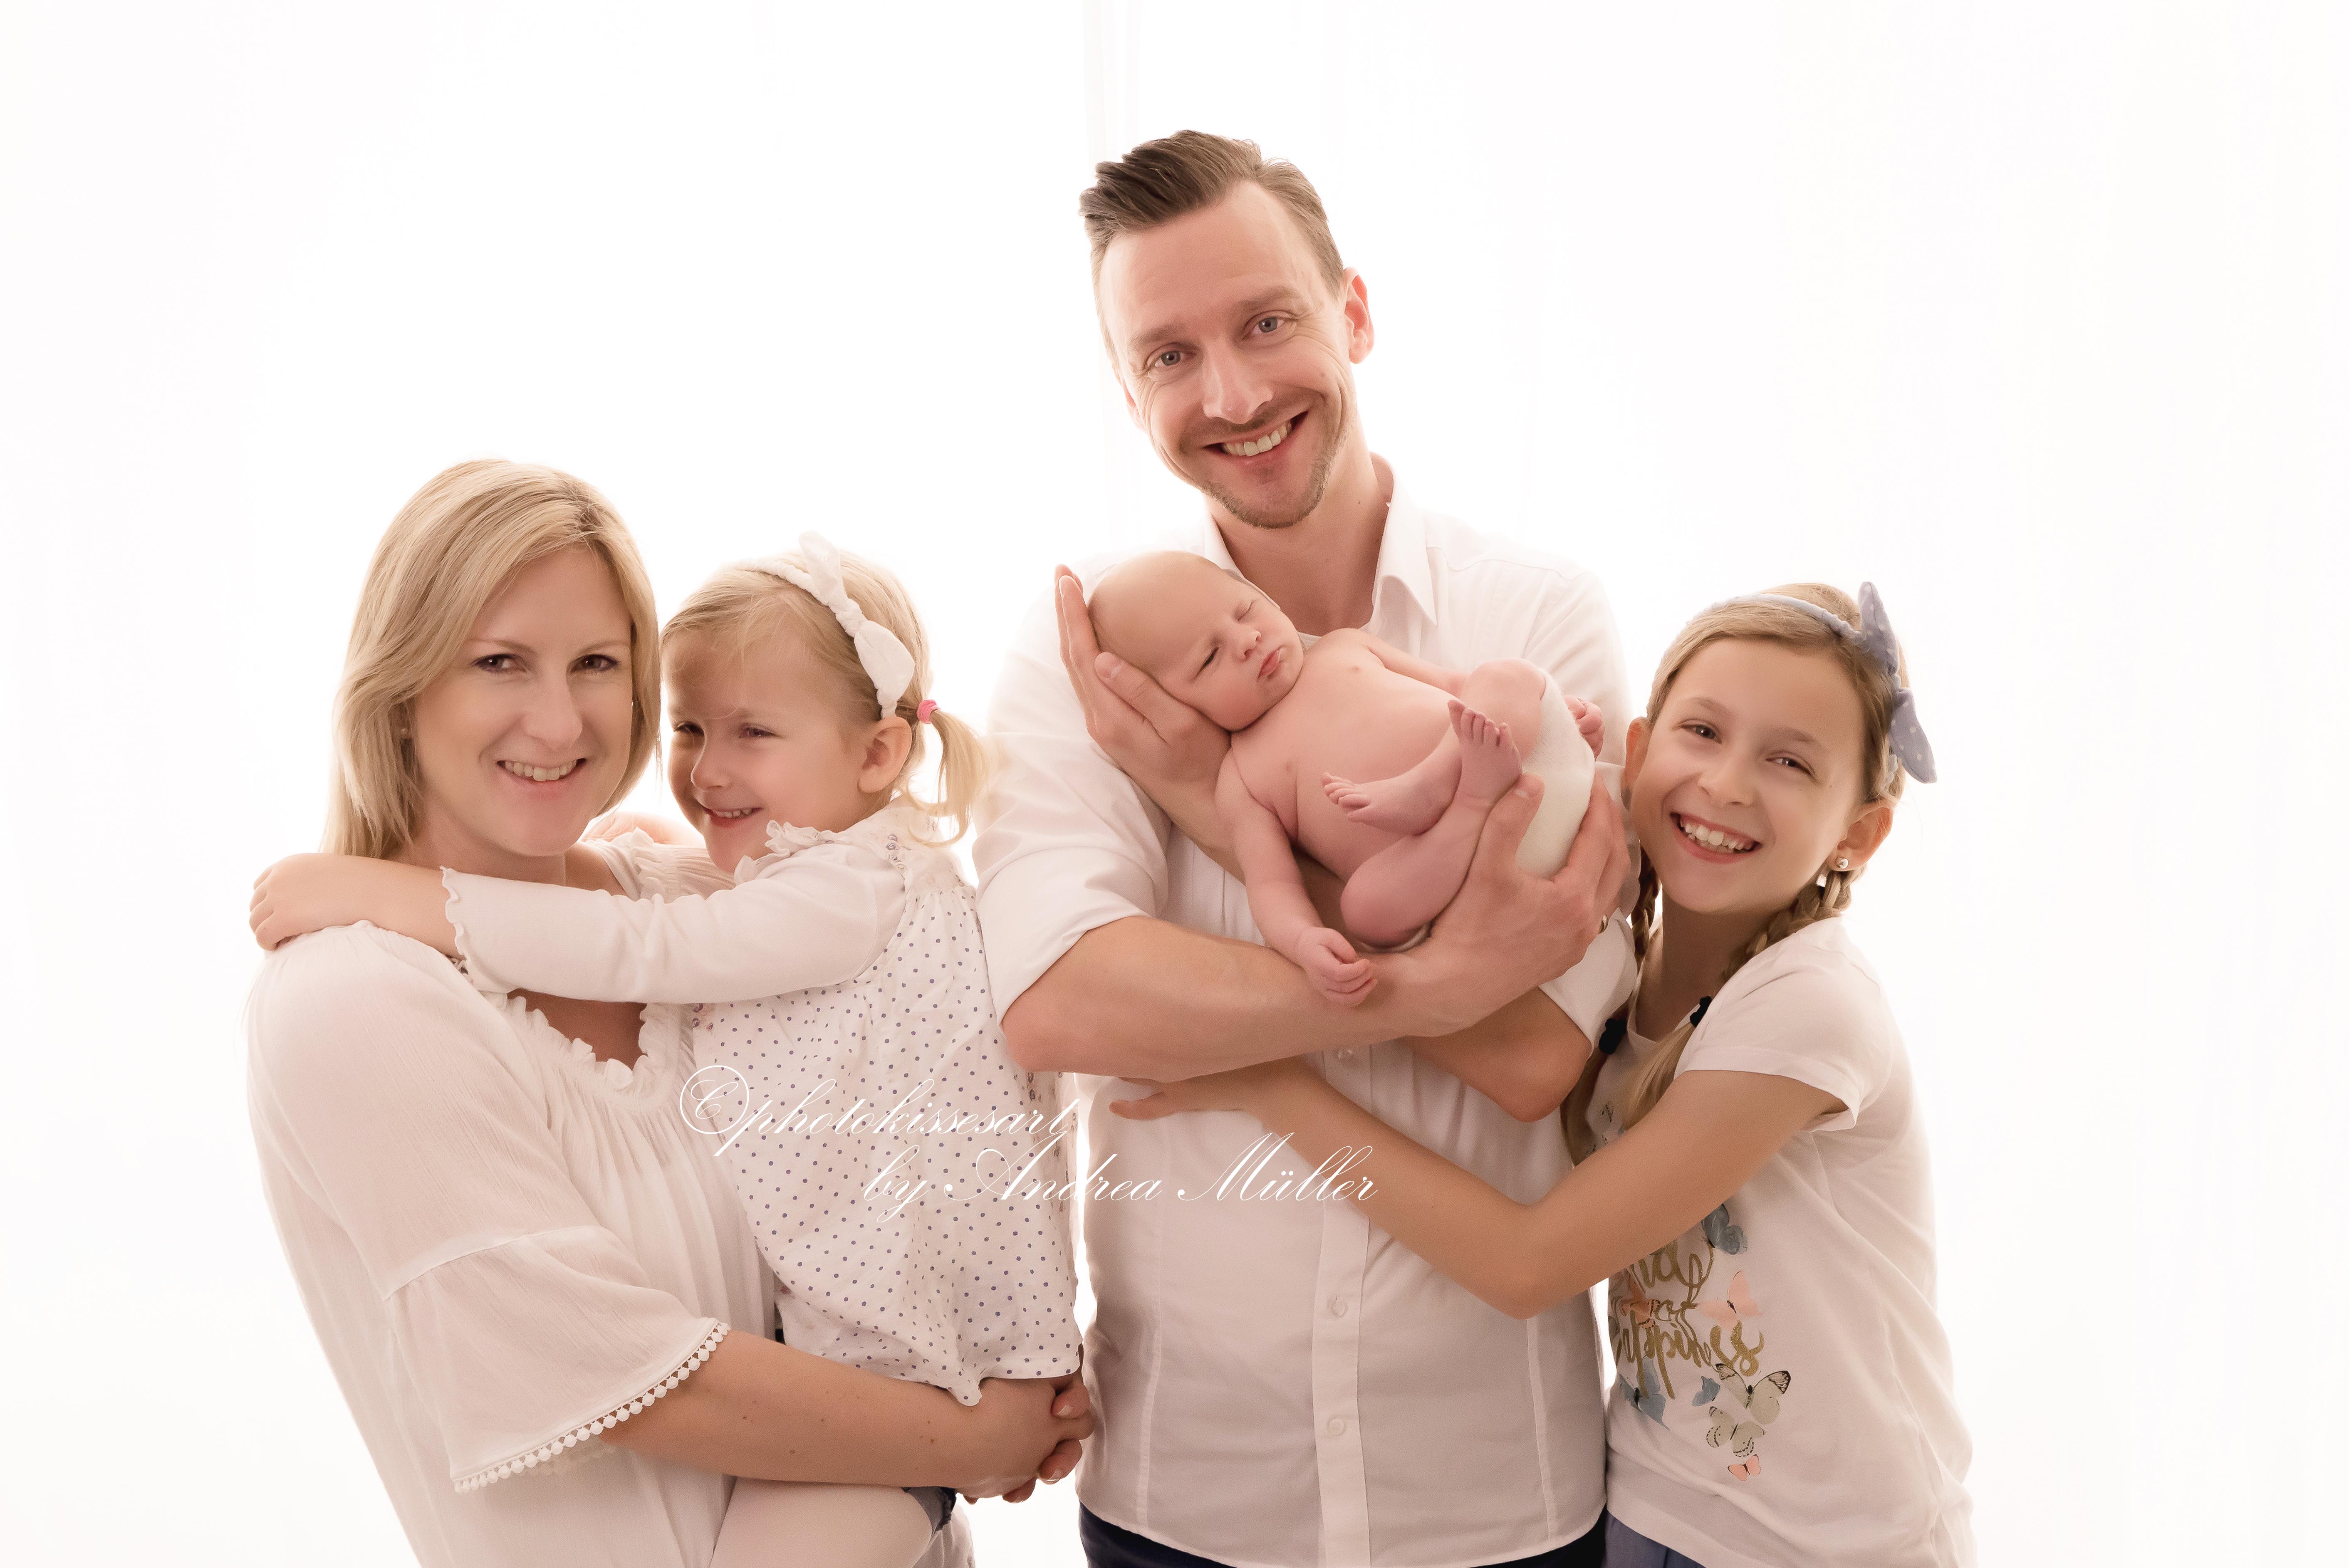 Familienshooting Langenfeld Monheim